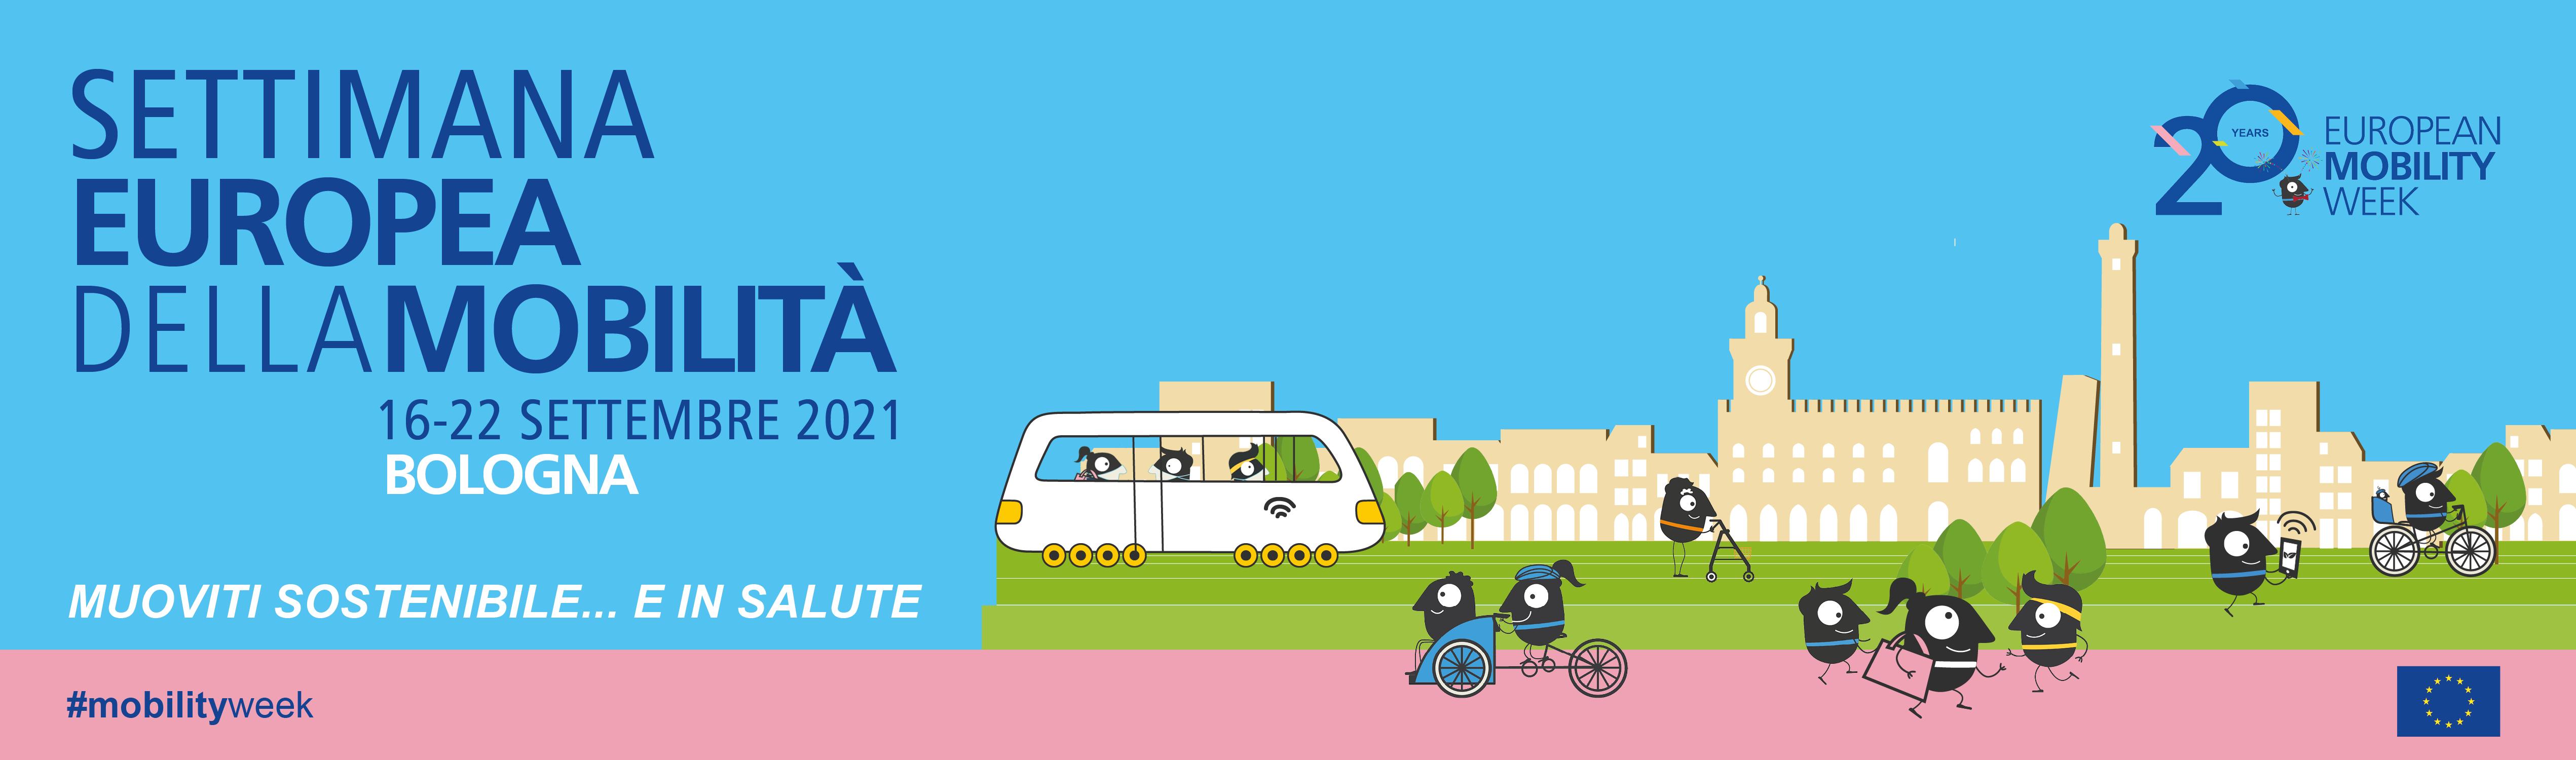 Banner Settimana Europea della Mobilità 2021